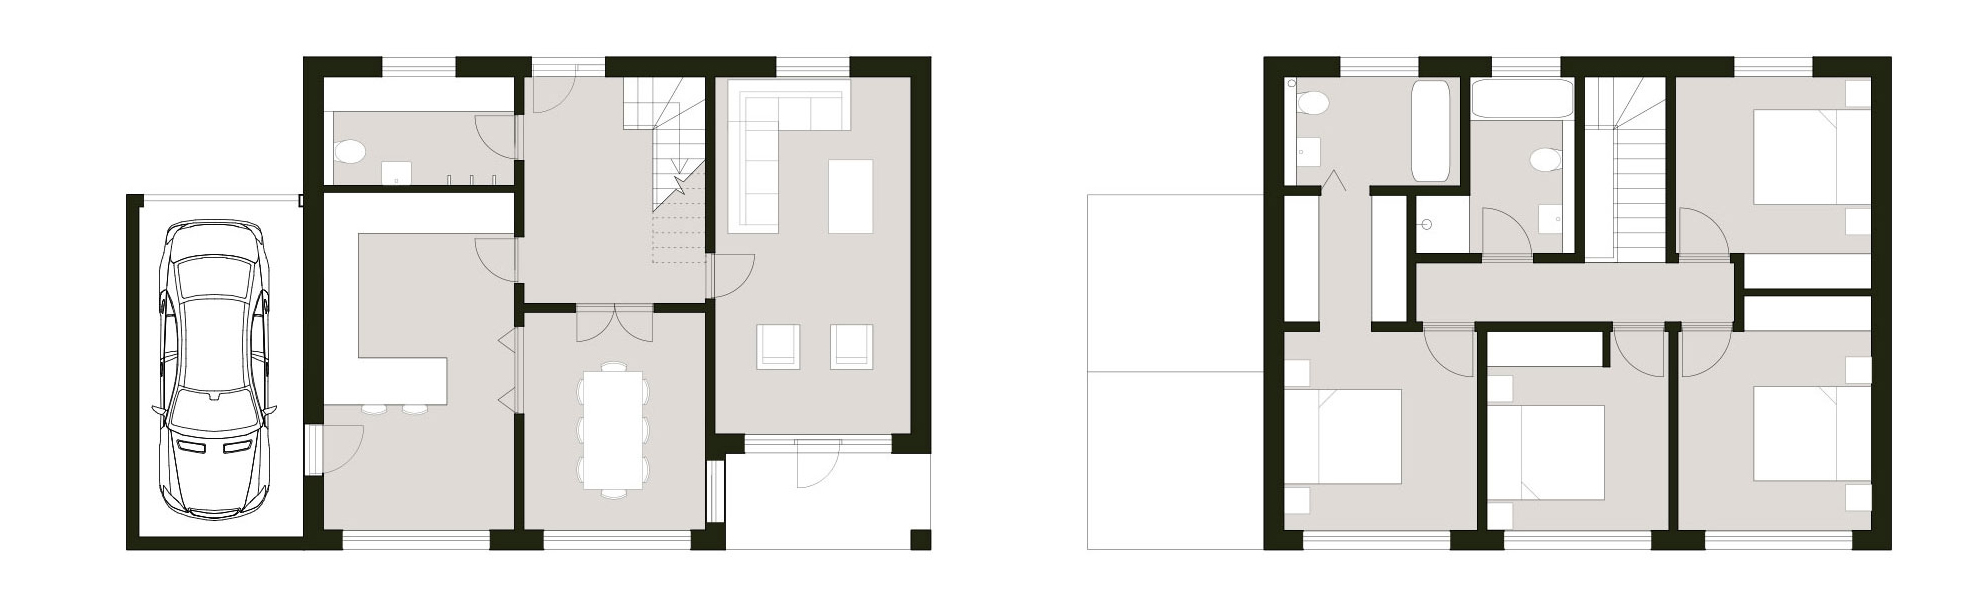 four-bedroom home floor plans